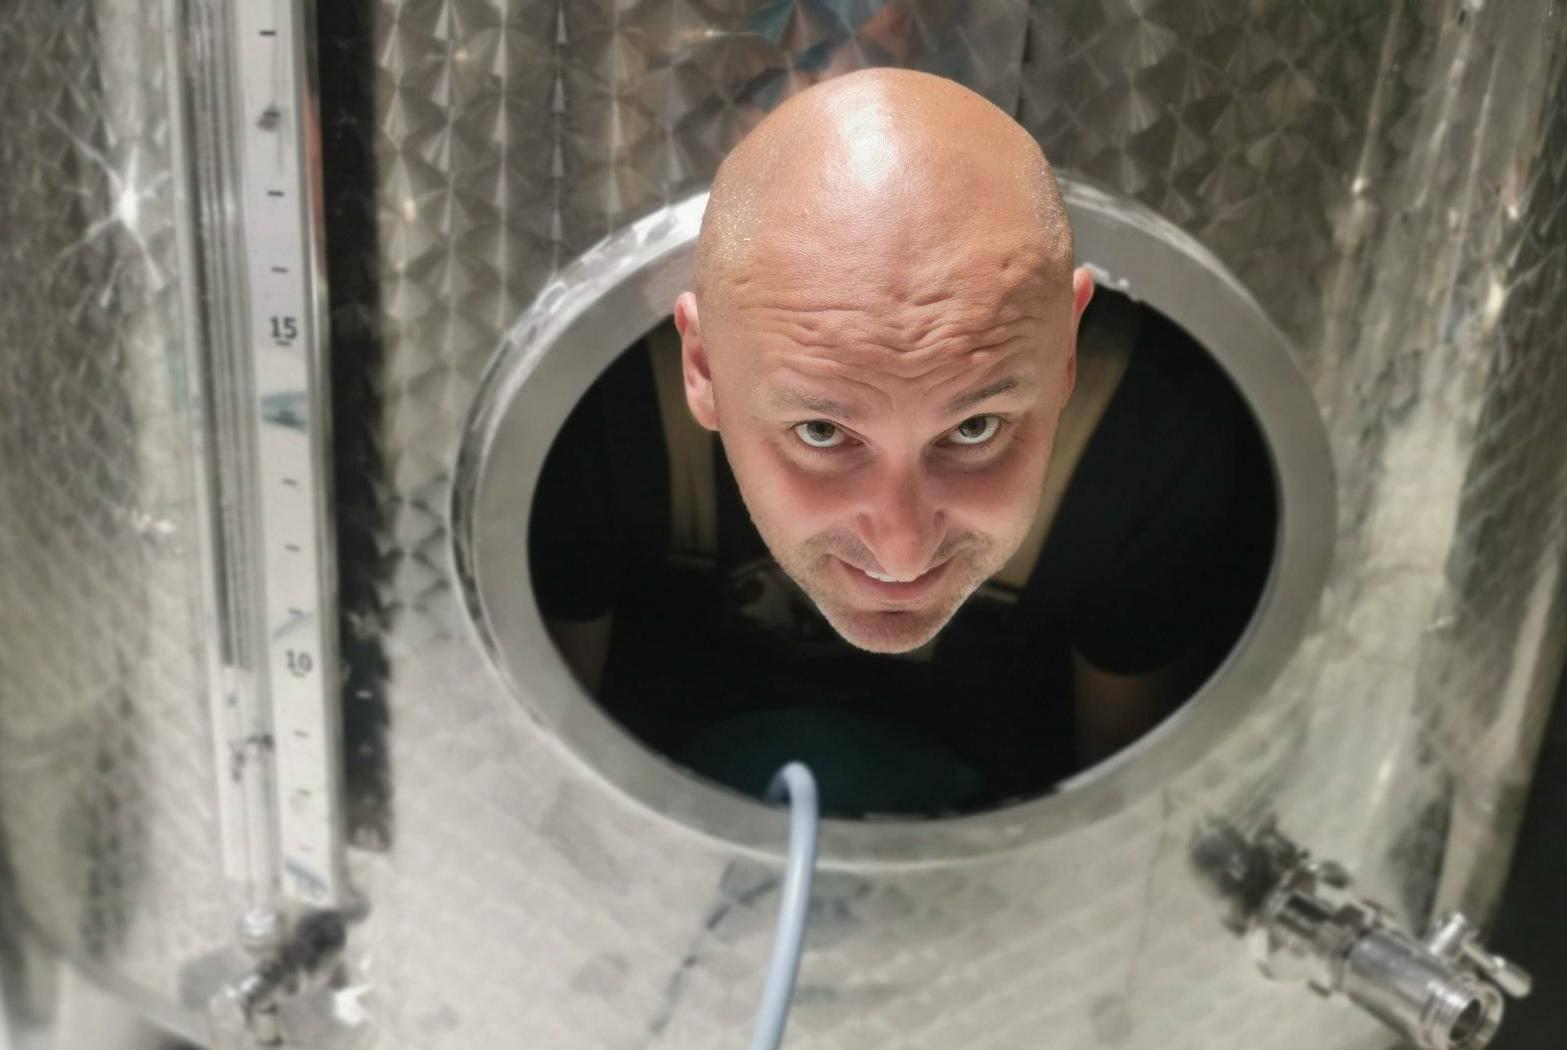 Dobio 2,5 milijuna kuna pa sjeo u bačvu vina: 'Teško je izaći suh'